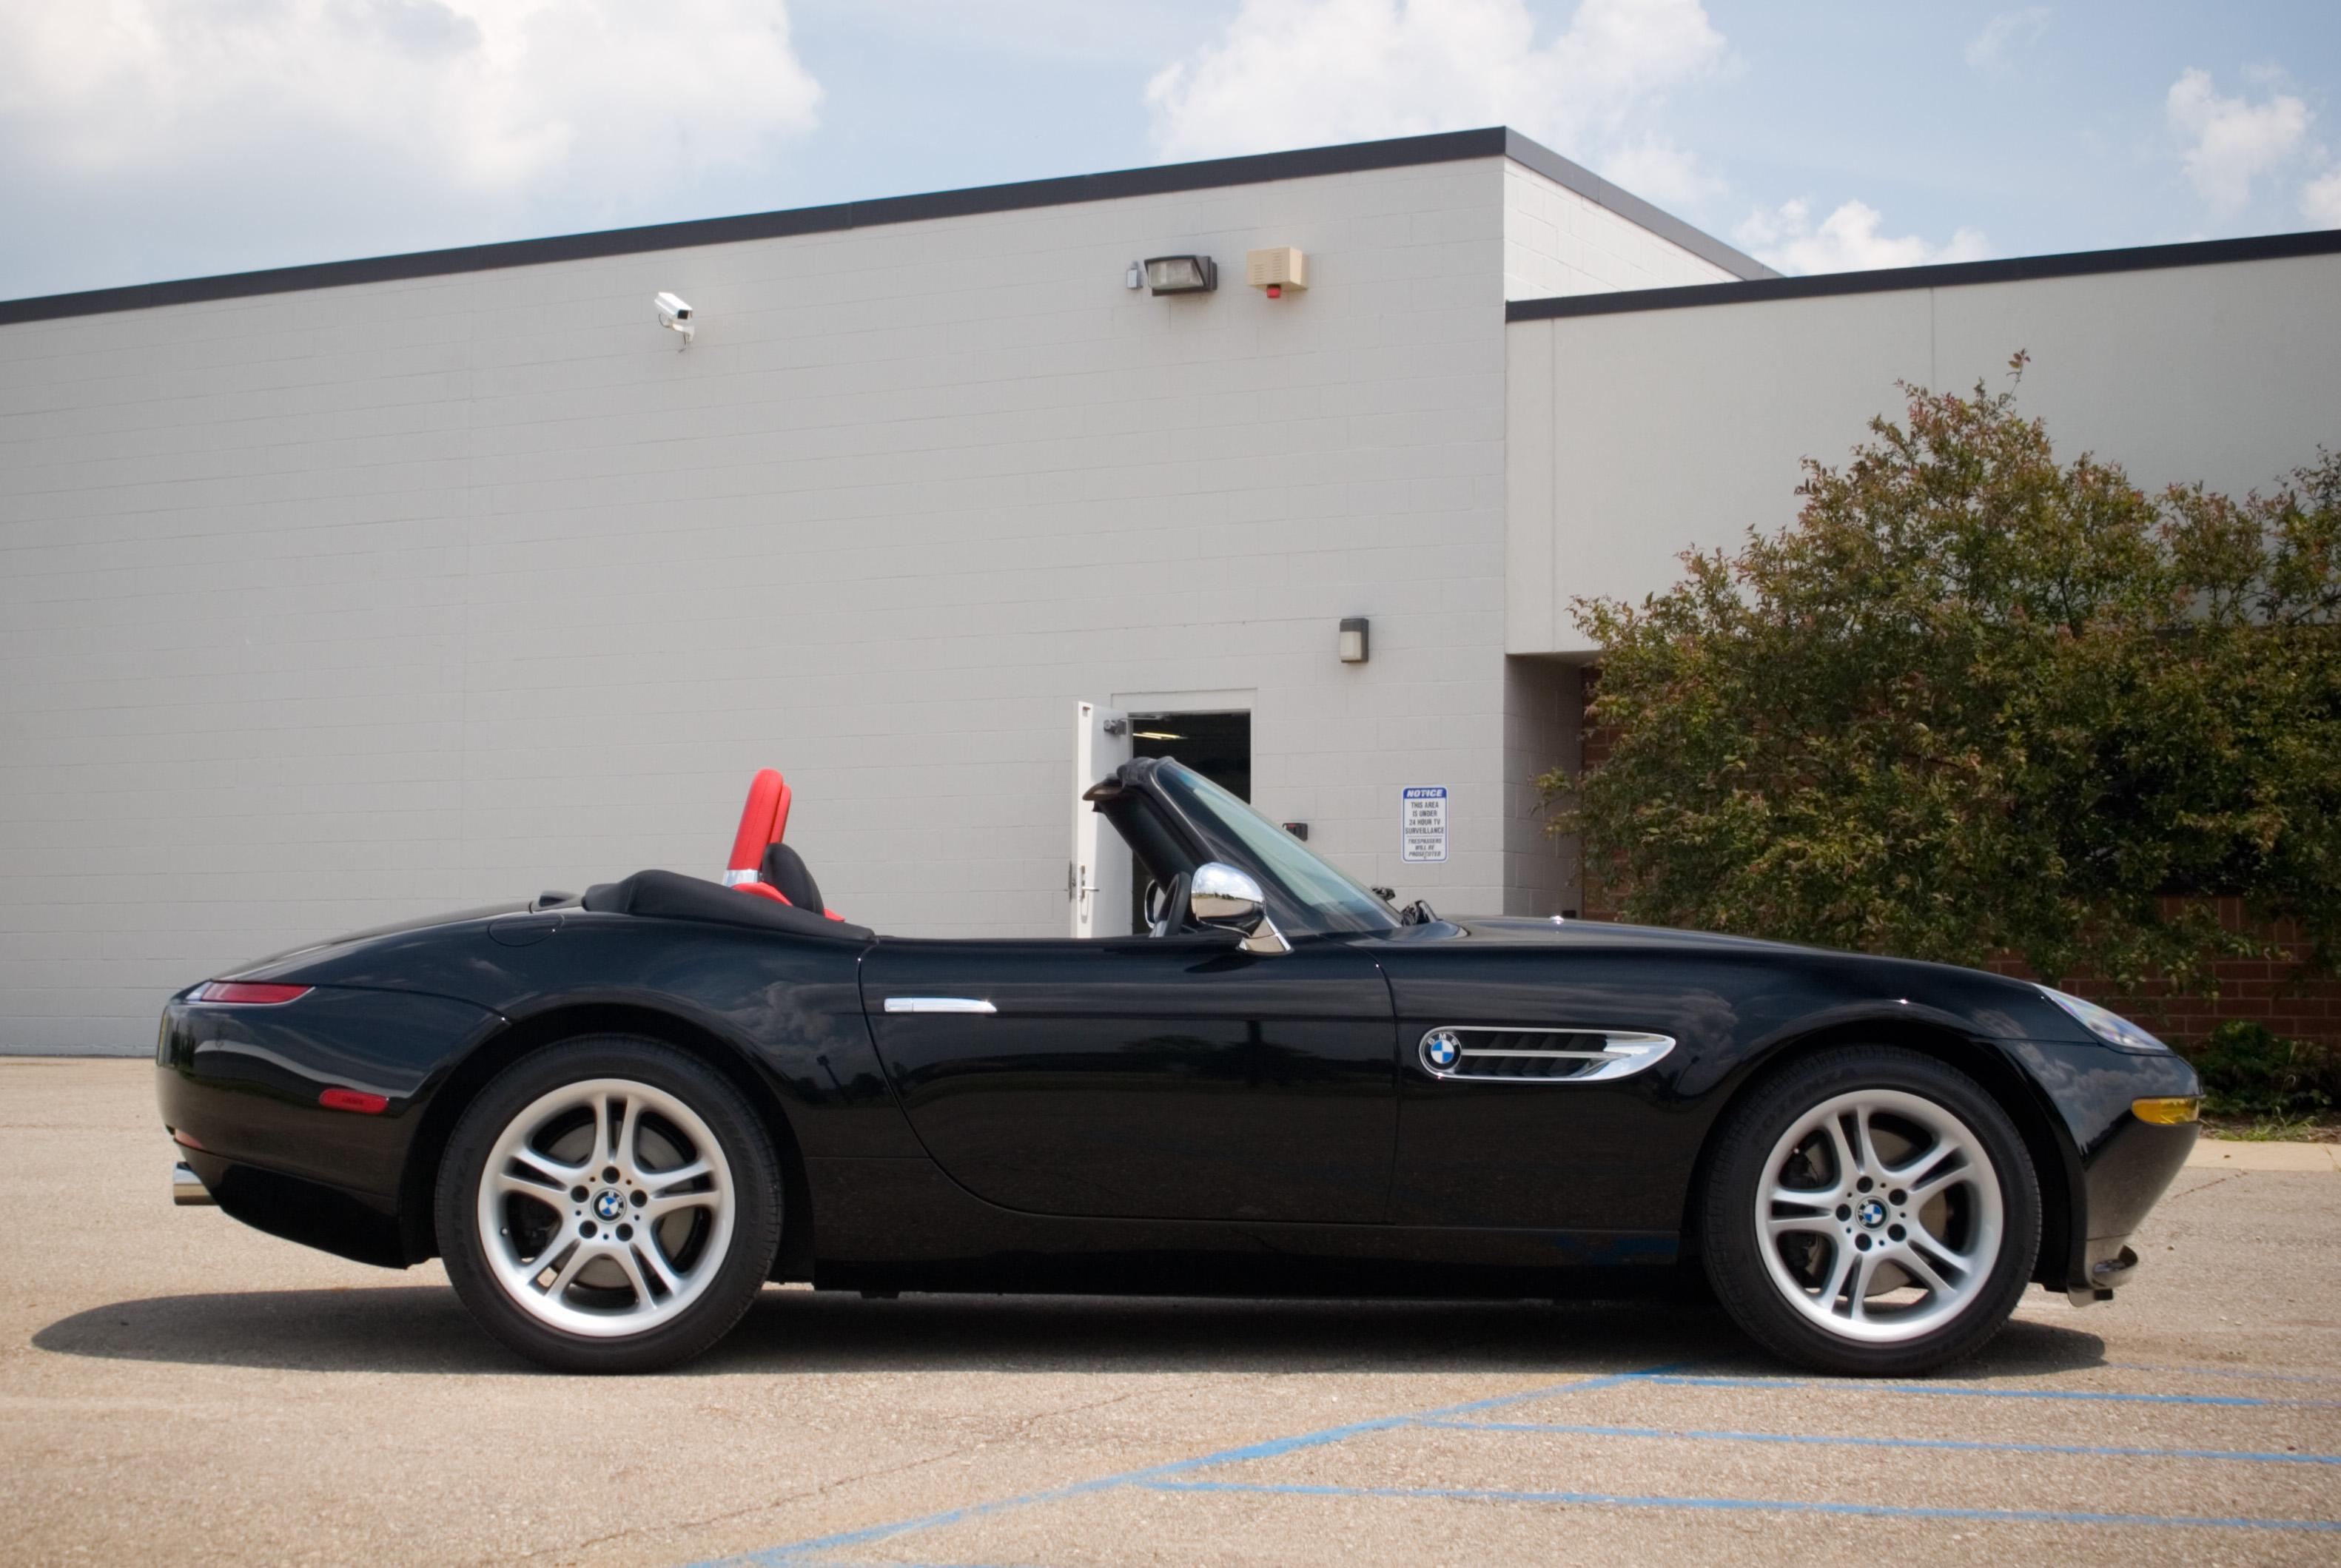 2001 BMW Z8 - Image #7